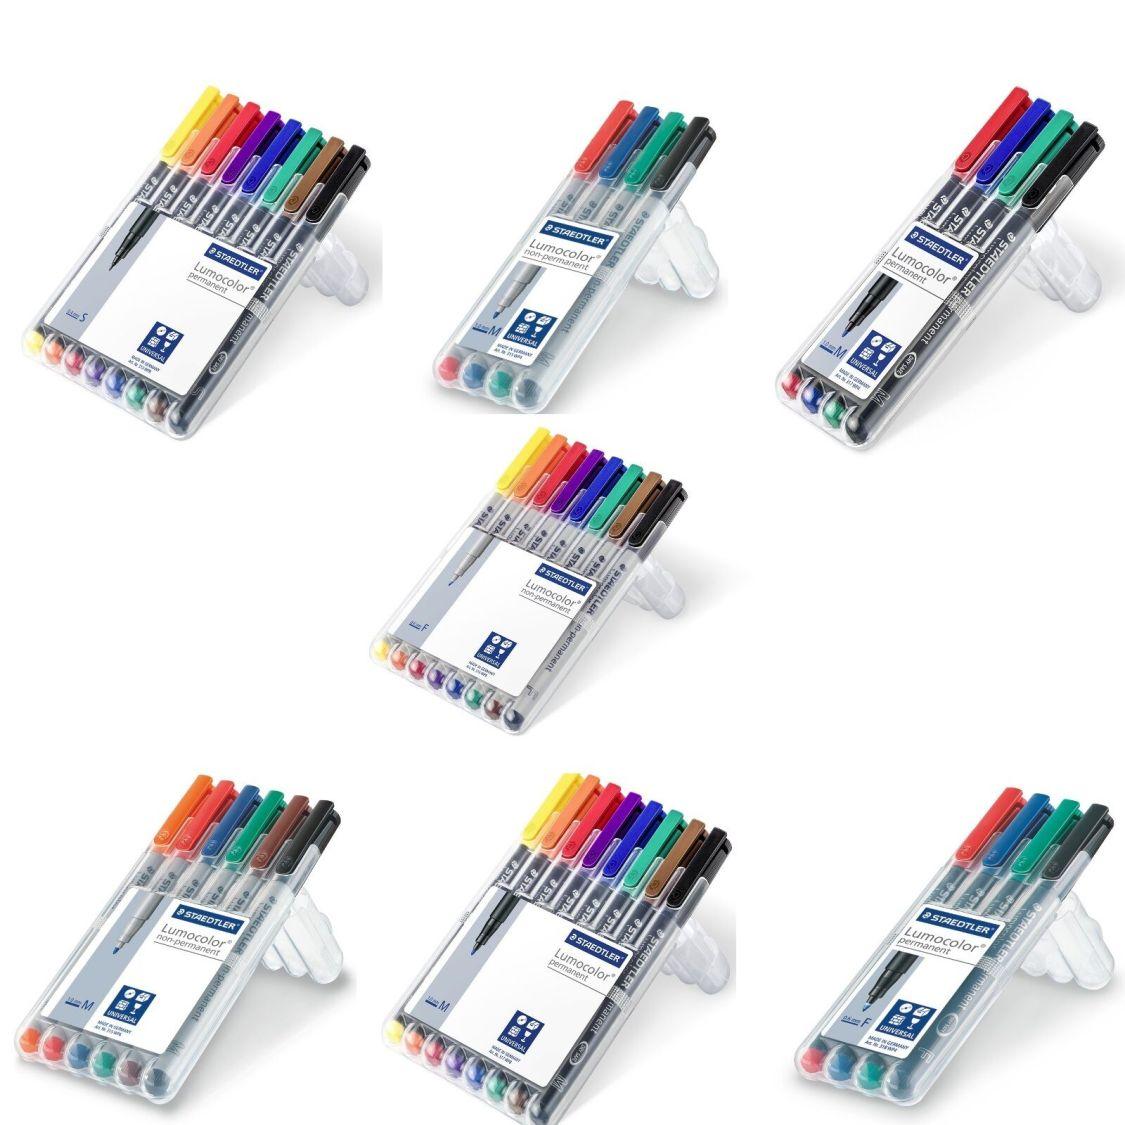 Staedtler Lumocolor Folienstift permanent  non-permanent Marker Etui 4er 6er 8er